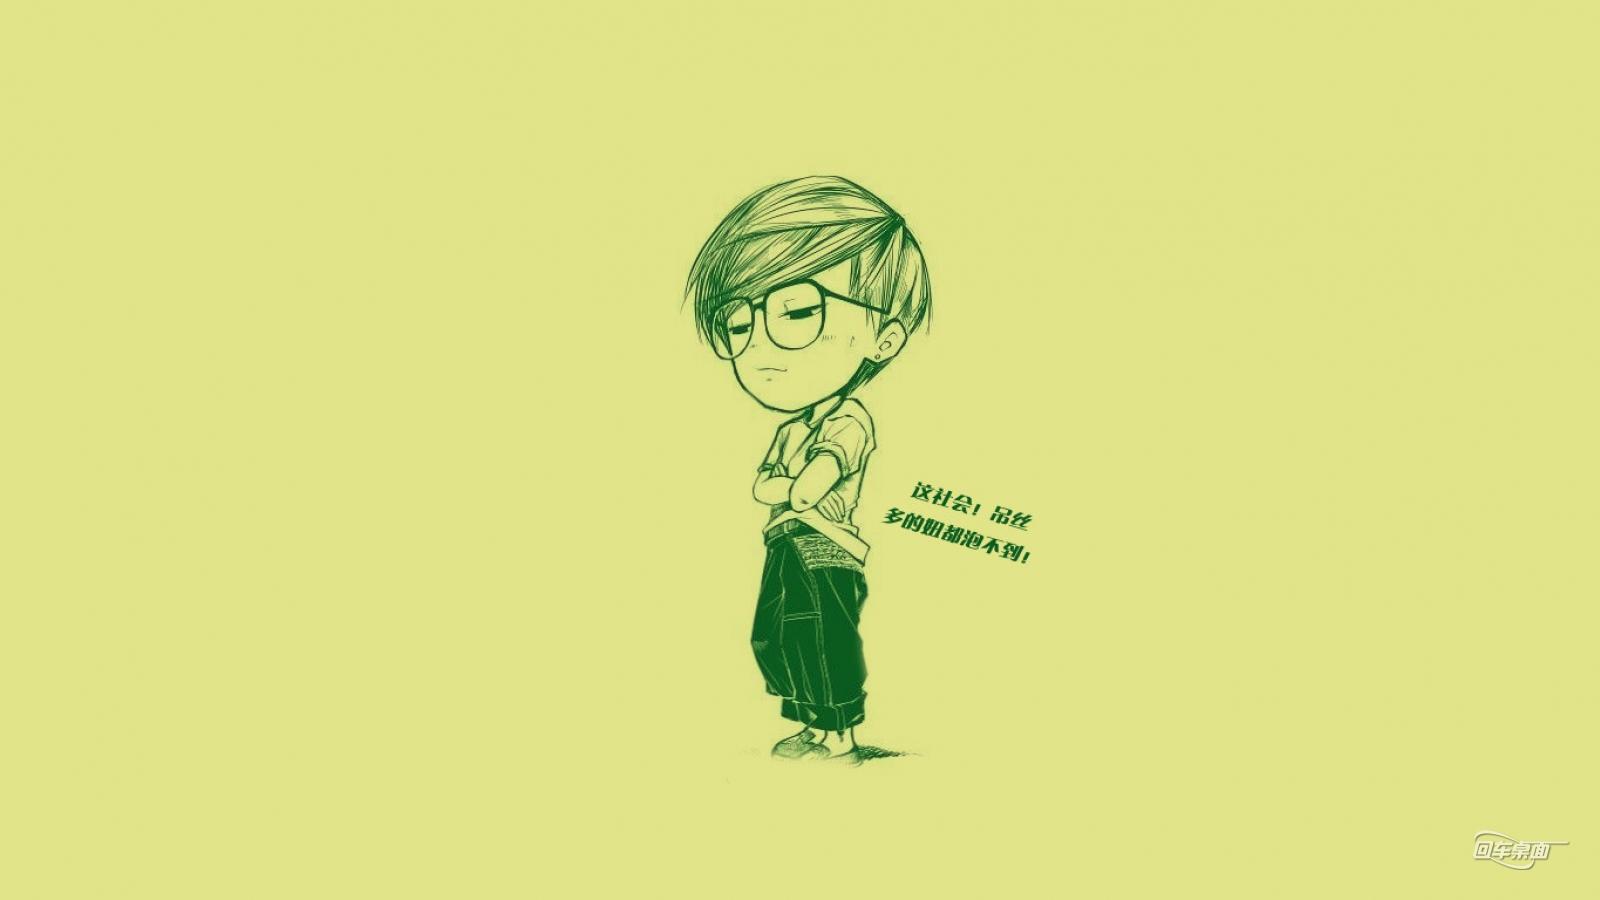 手绘可爱卡通人物壁纸-卡通动漫-壁纸下载-美桌网http